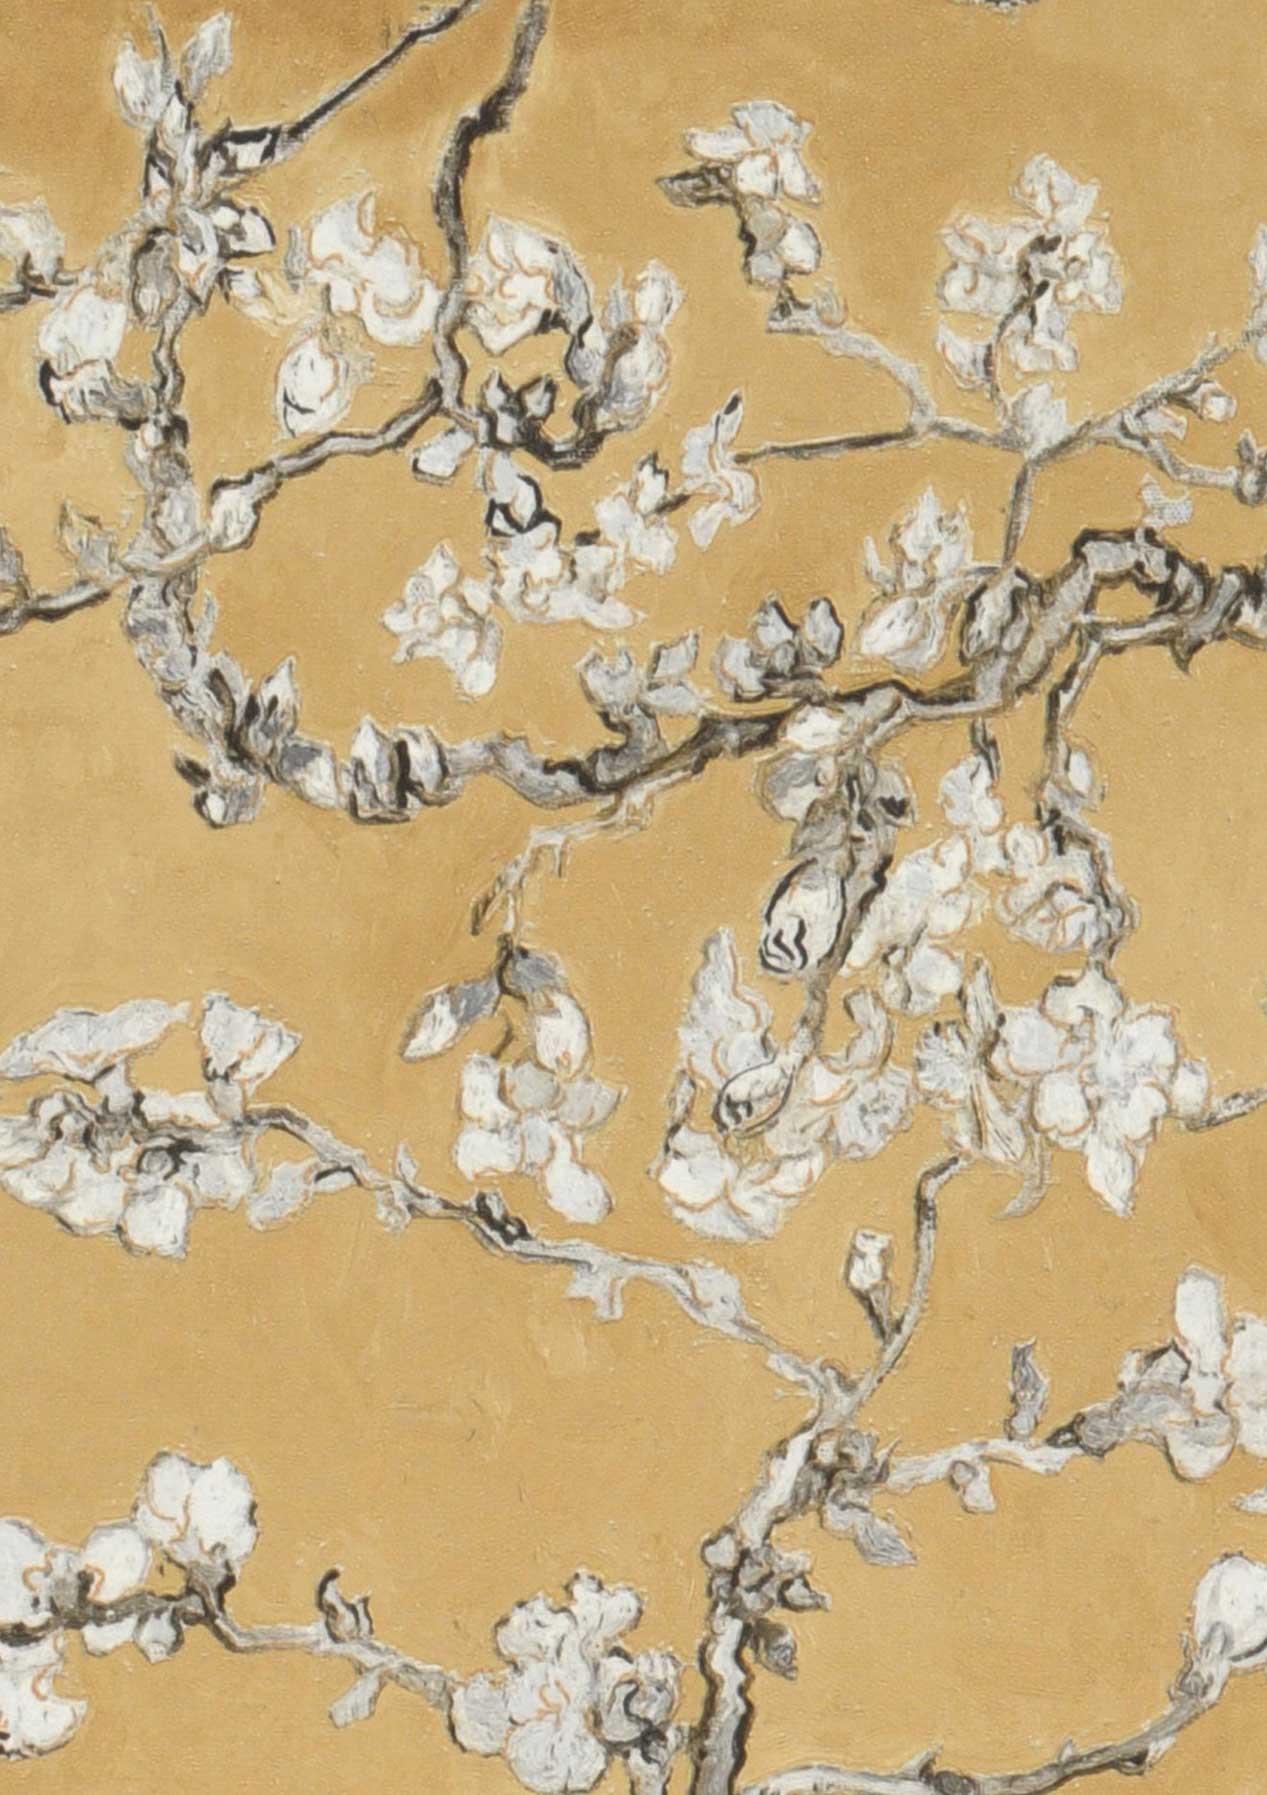 Tapete vangogh blossom ockergelb anthrazit cremeweiss - Meisterwerk tapeten ...